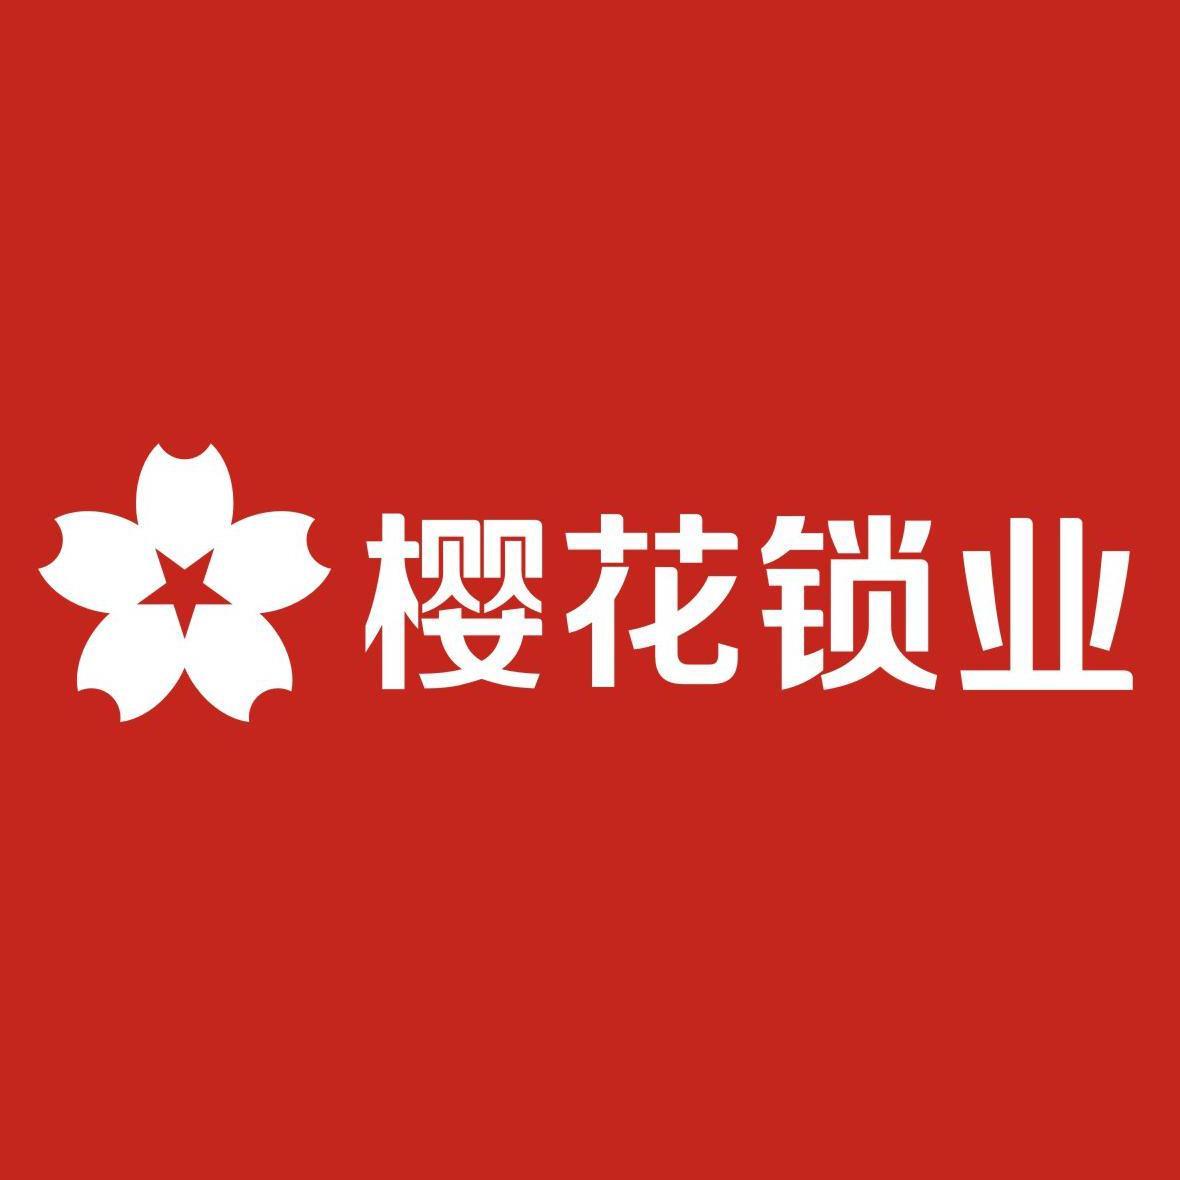 广东樱花智能科技有限公司